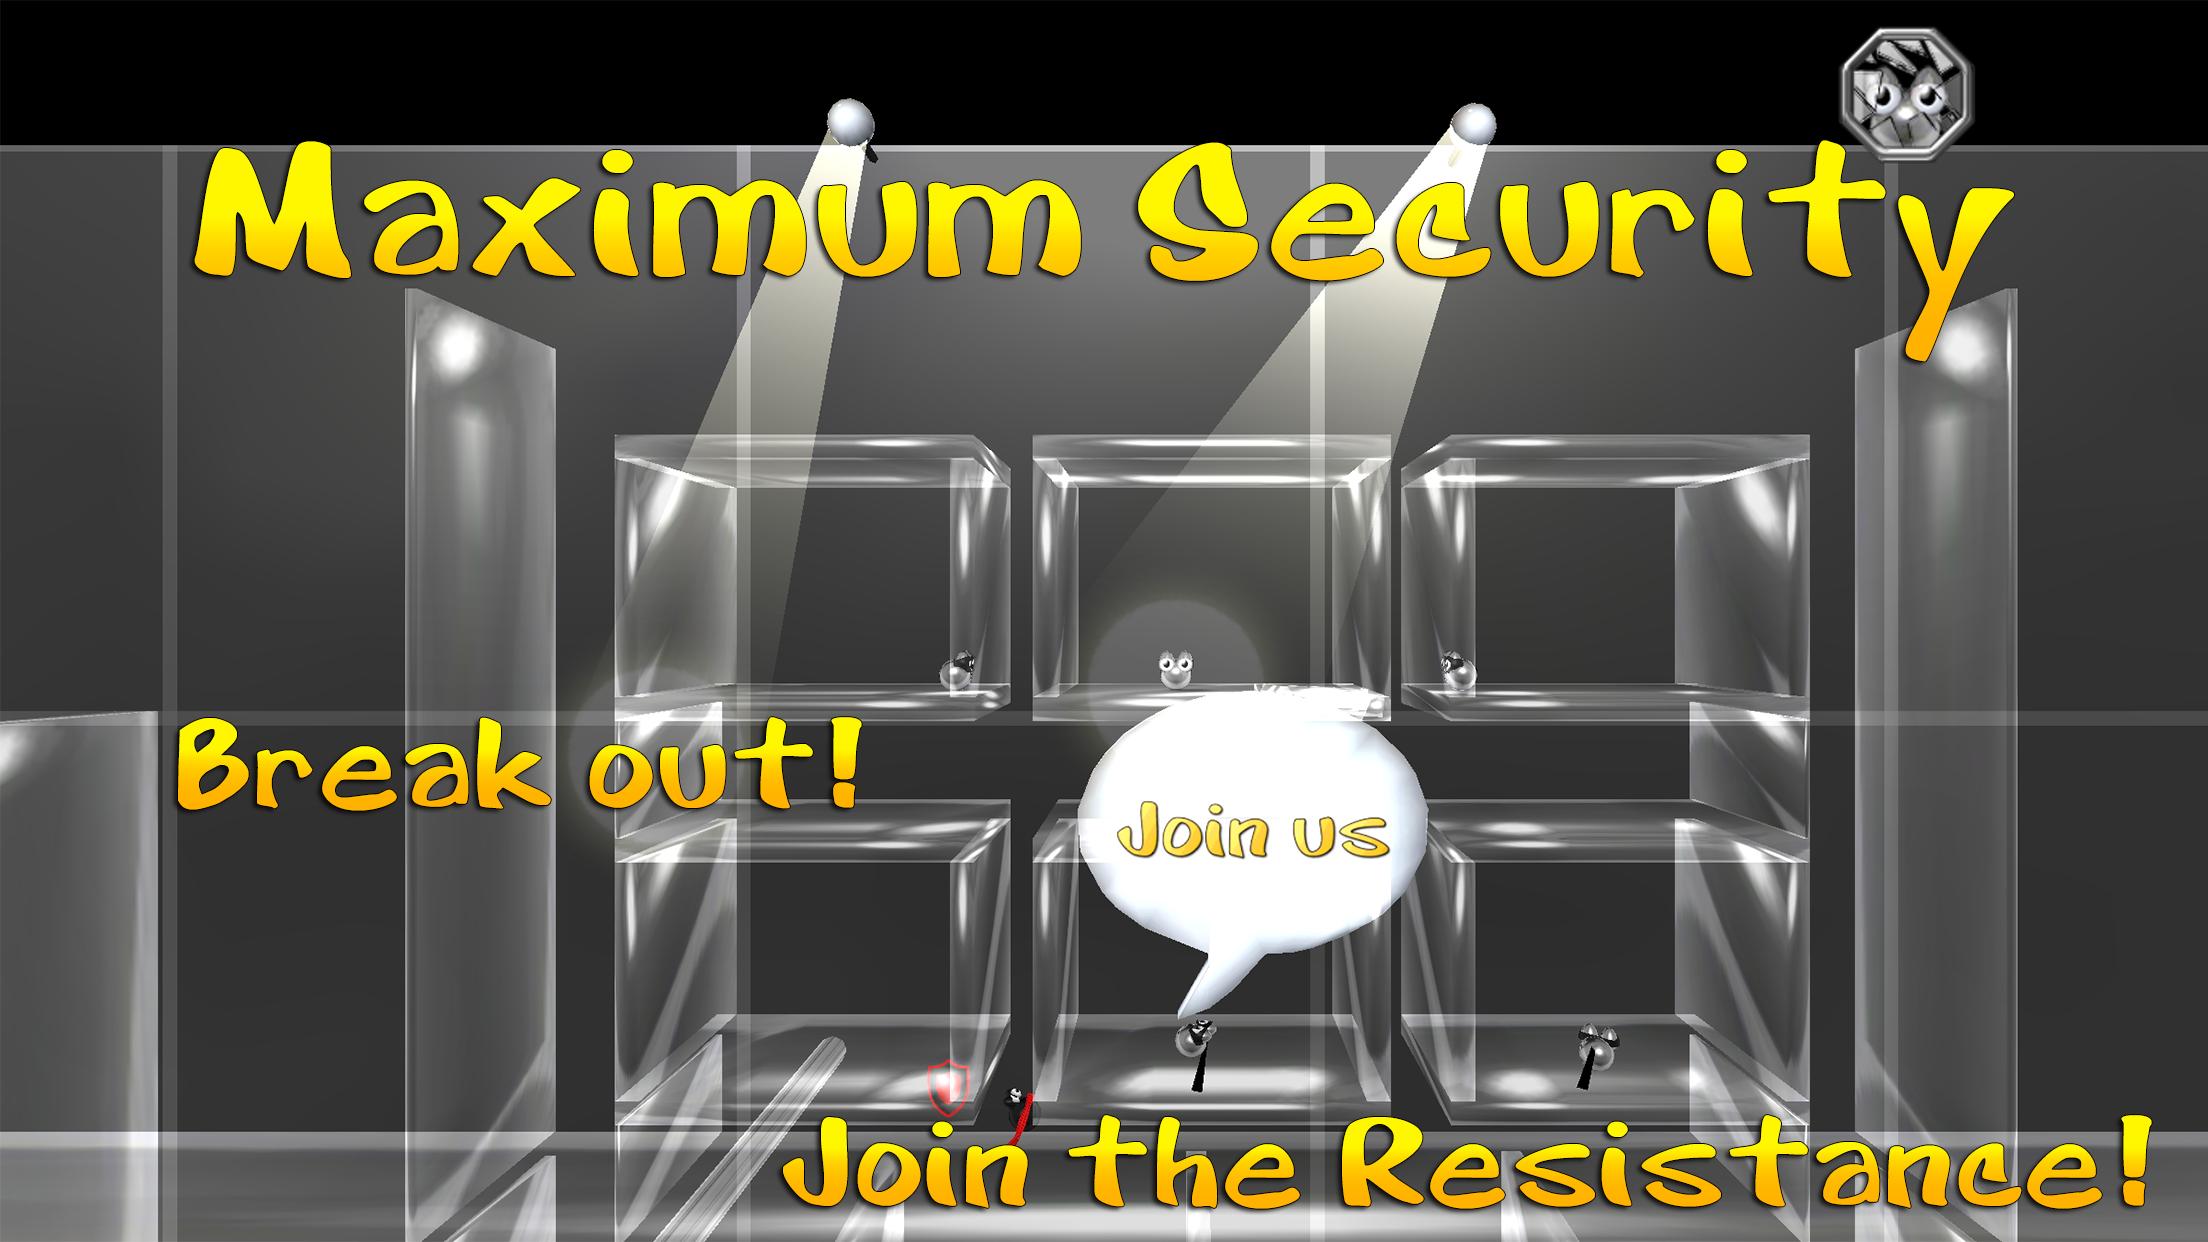 MaximumSecurityFinal2208X1242.png